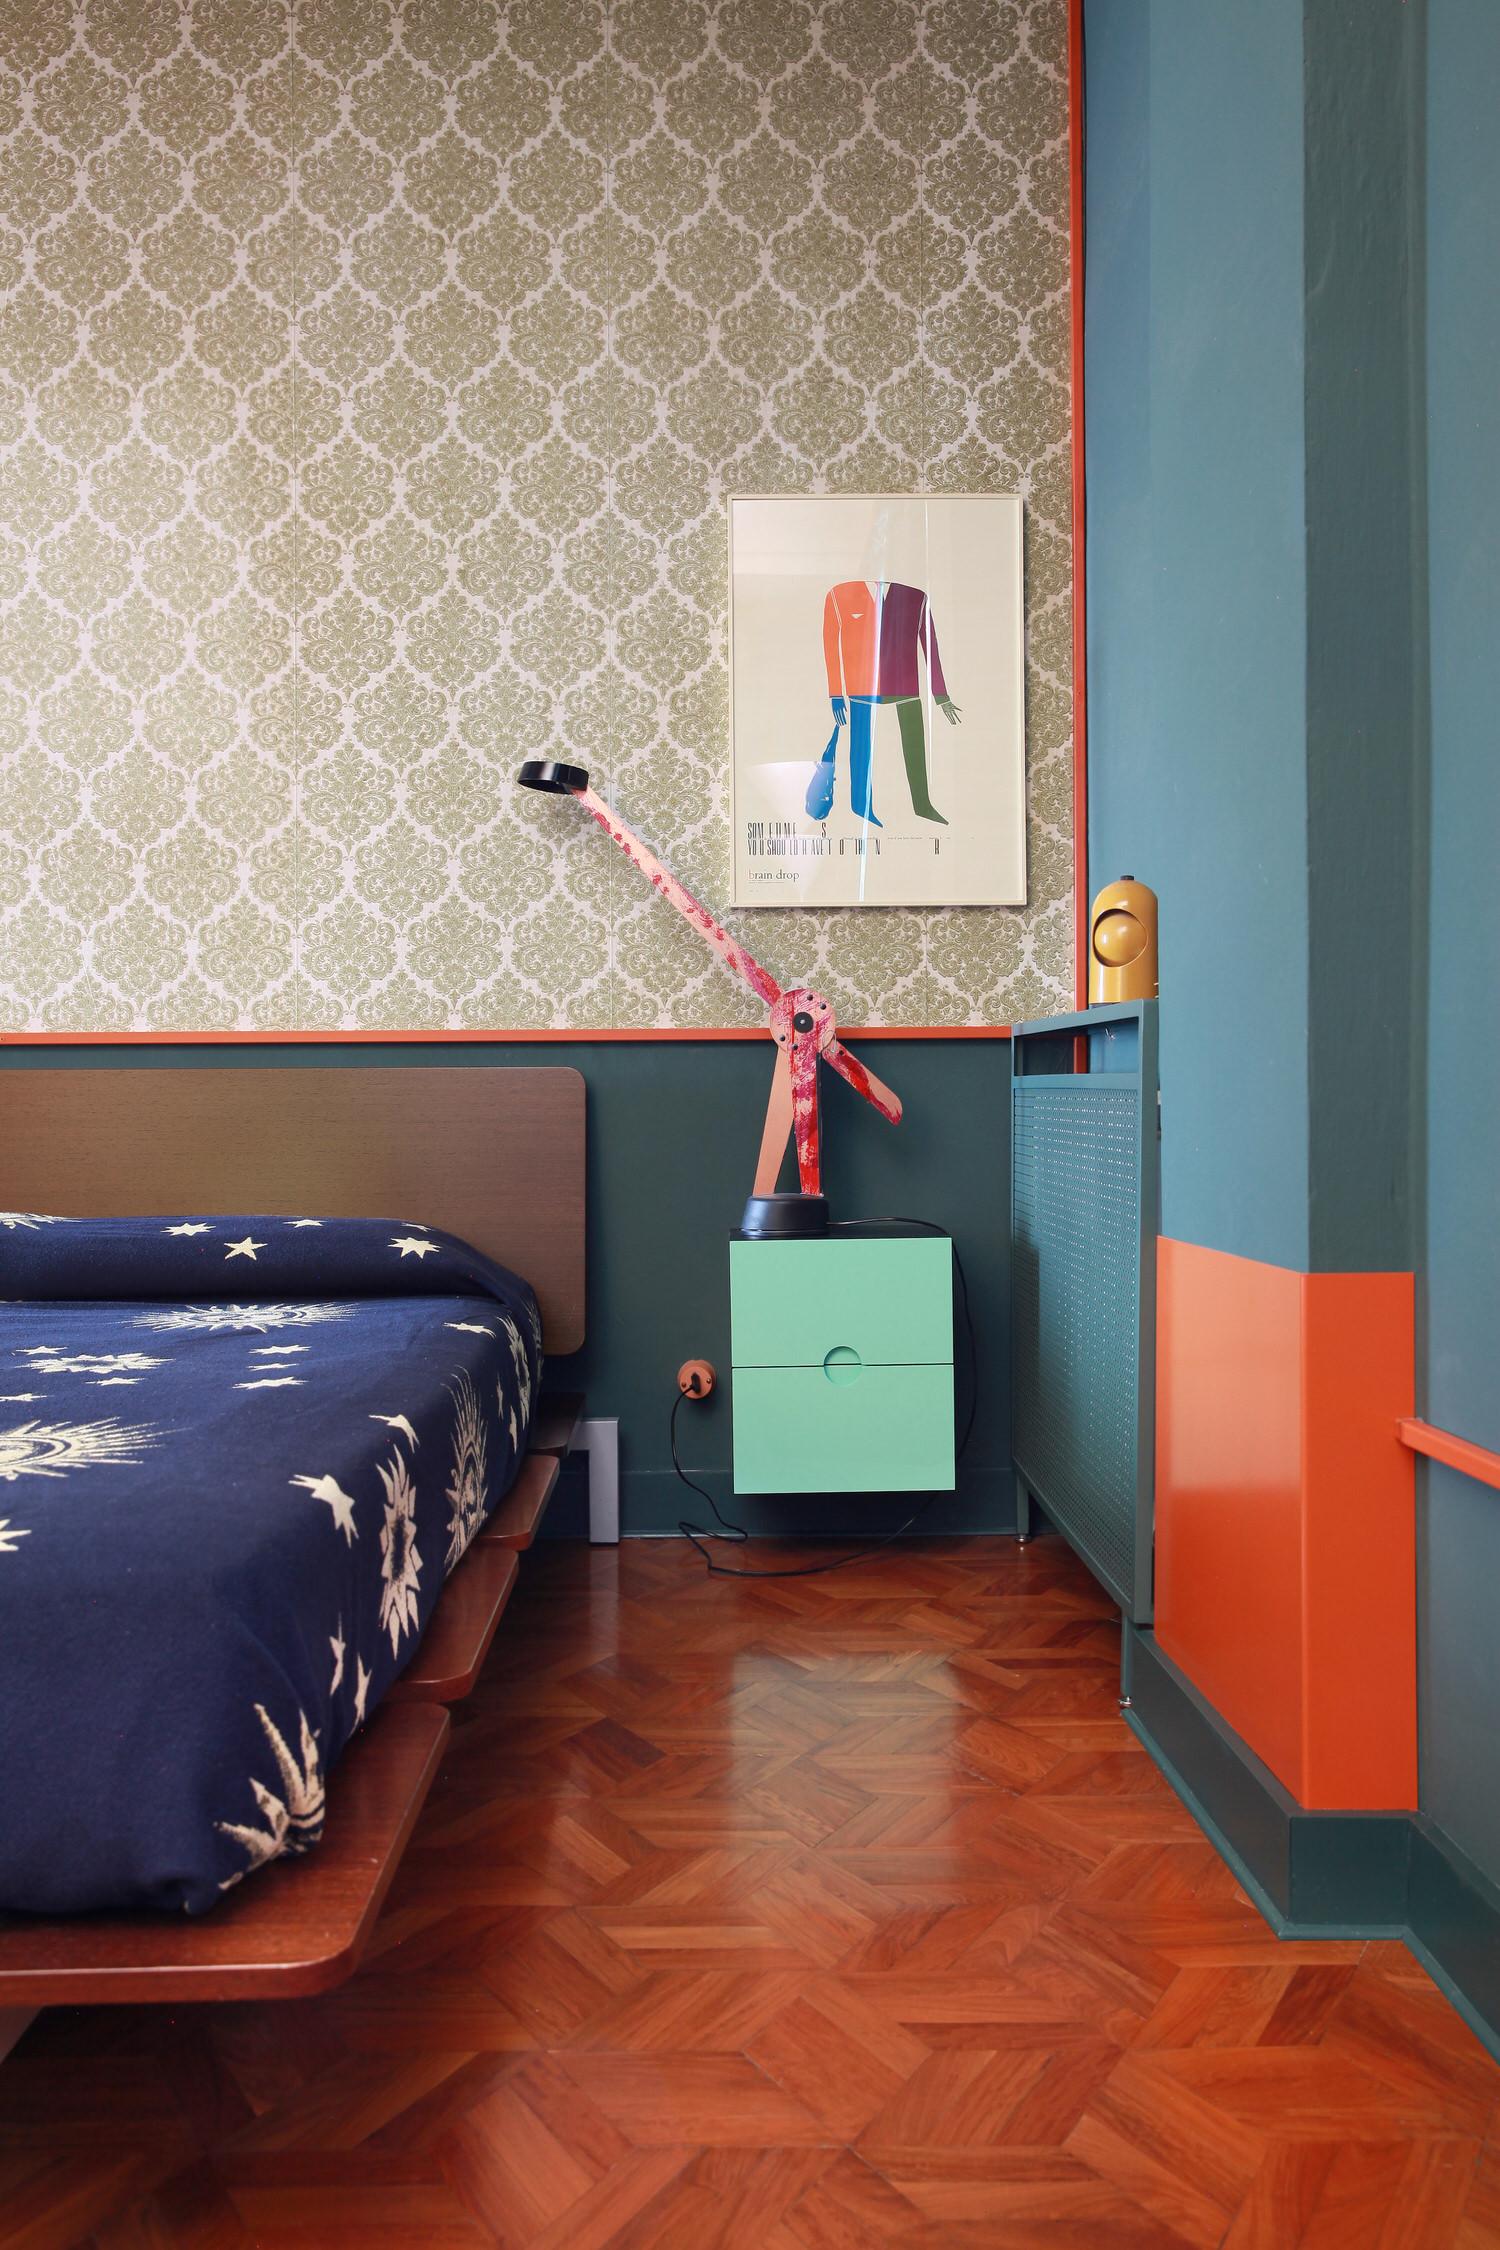 Marcante Testa Private House Renovation Cavallermaggiore Photo Carola Ripamonti Yellowtrace 21